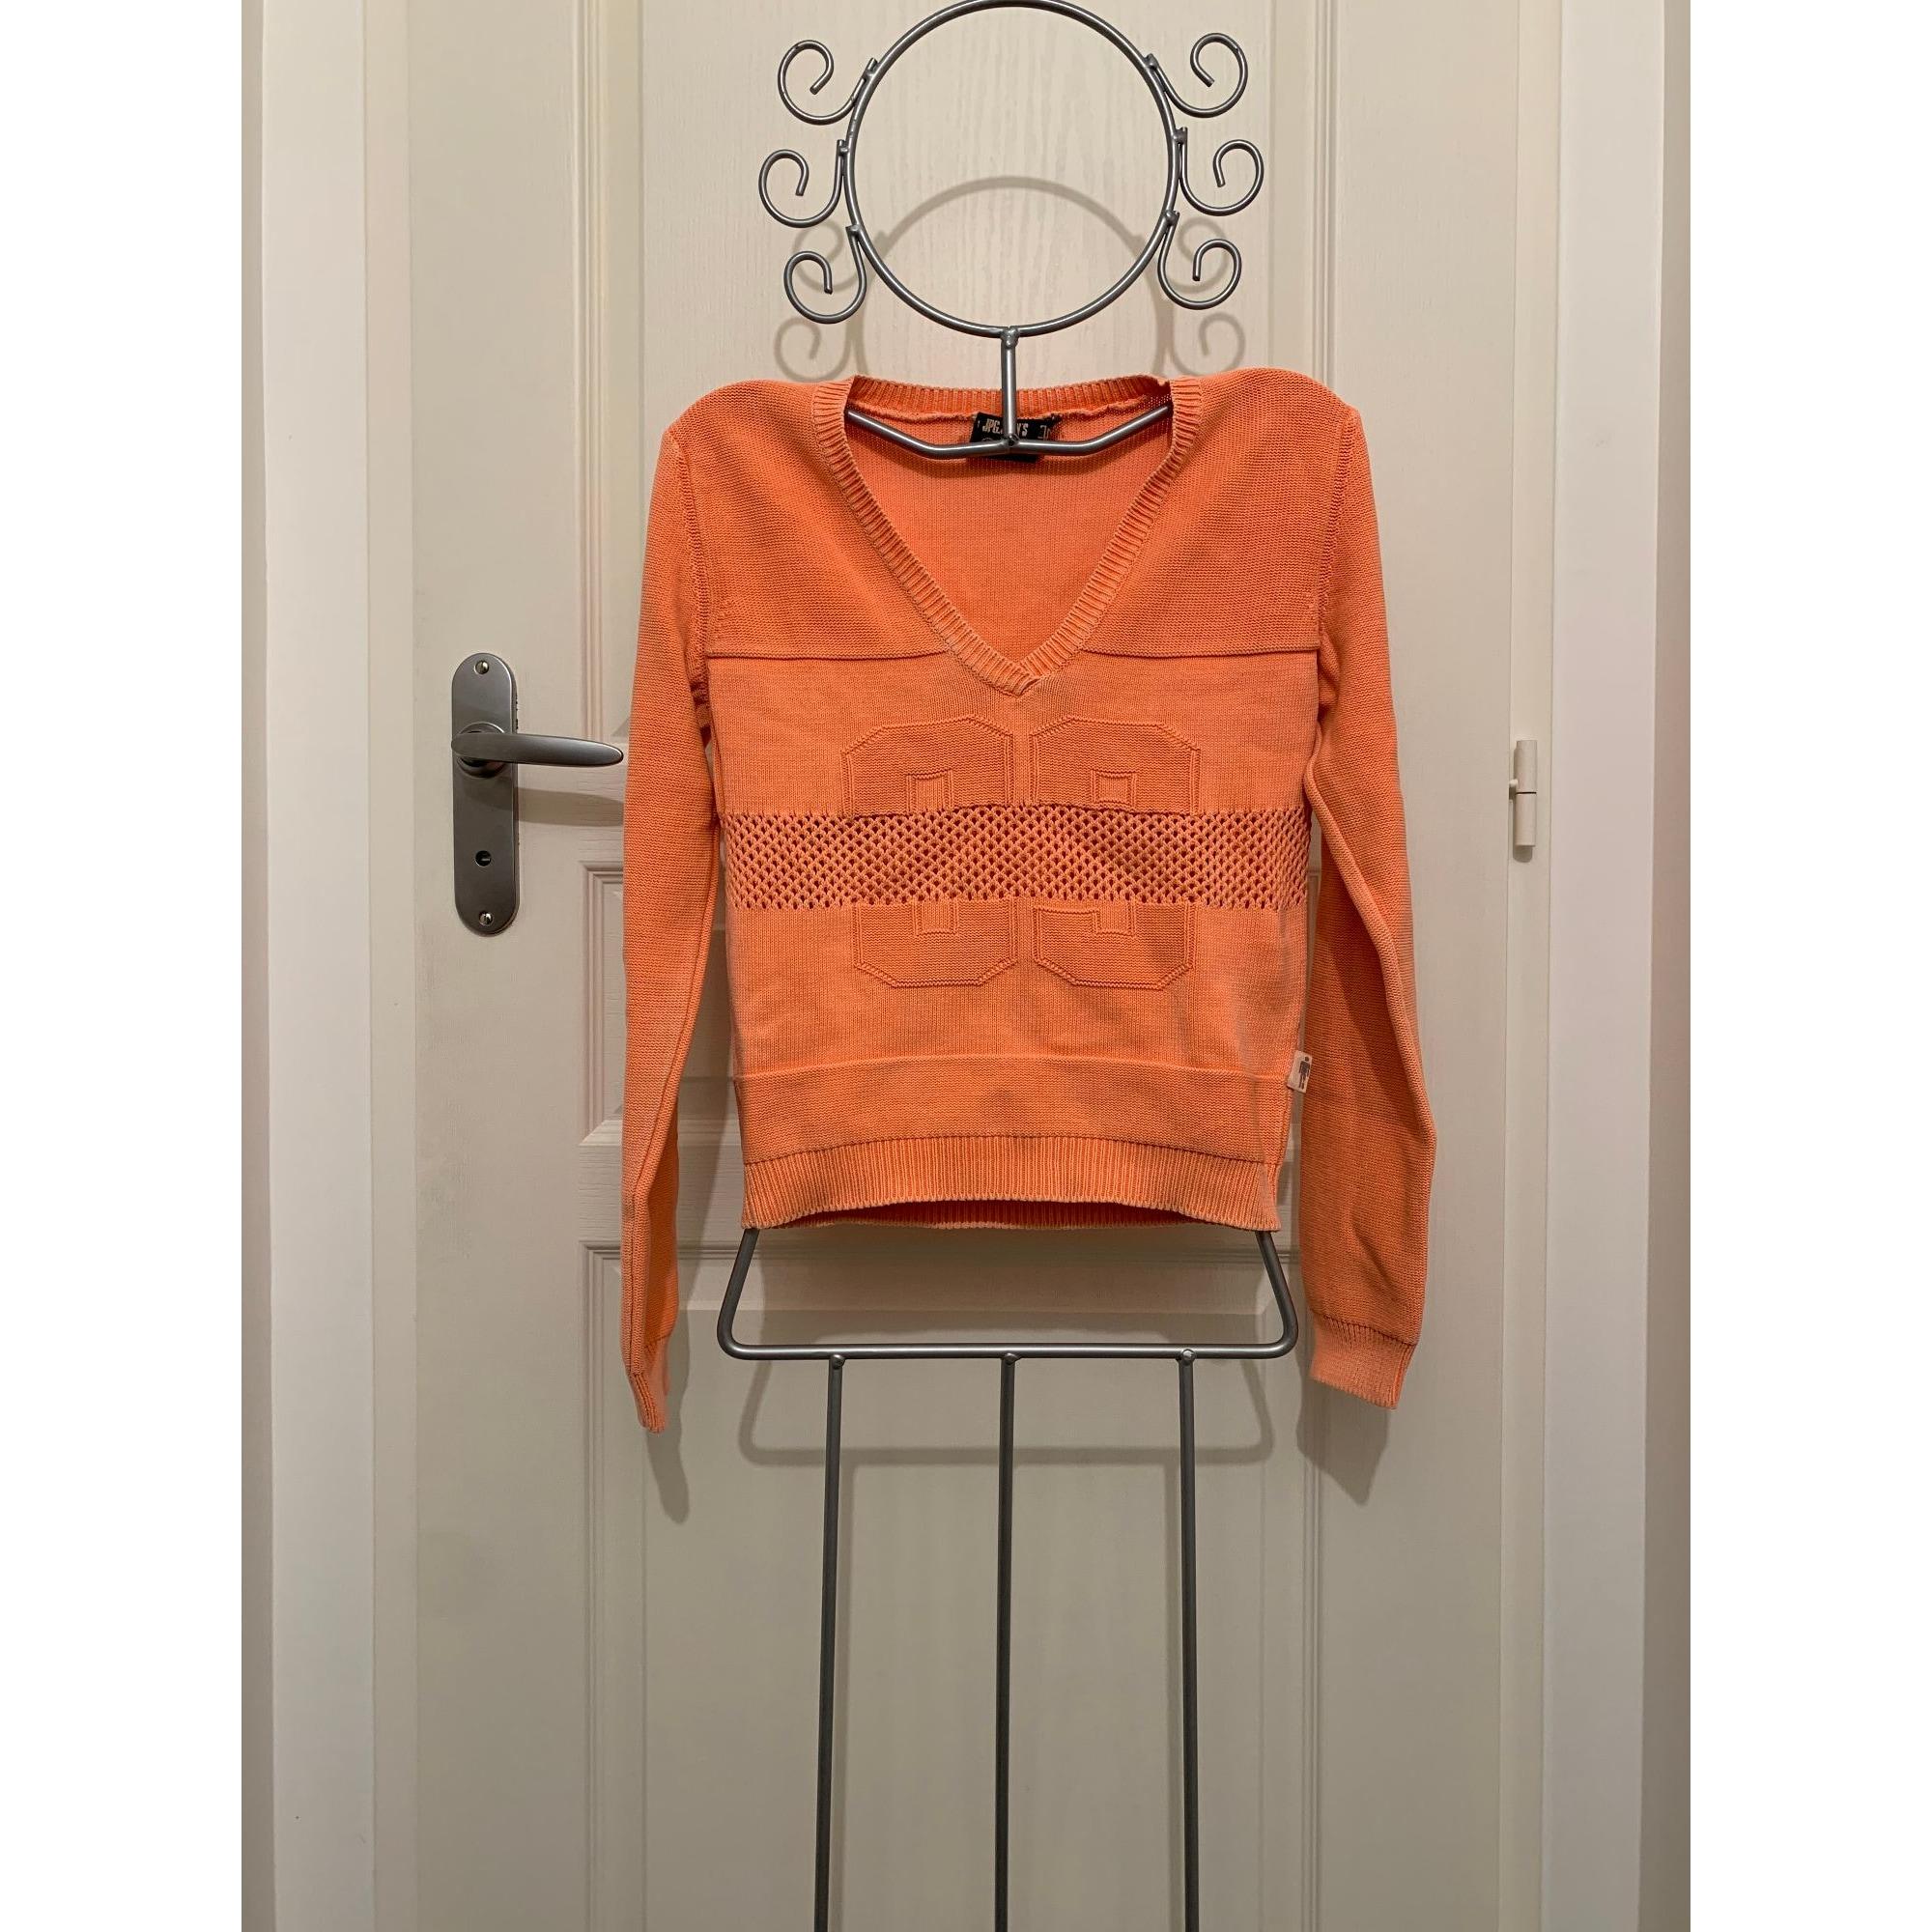 Top, tee-shirt JEAN PAUL GAULTIER Orange